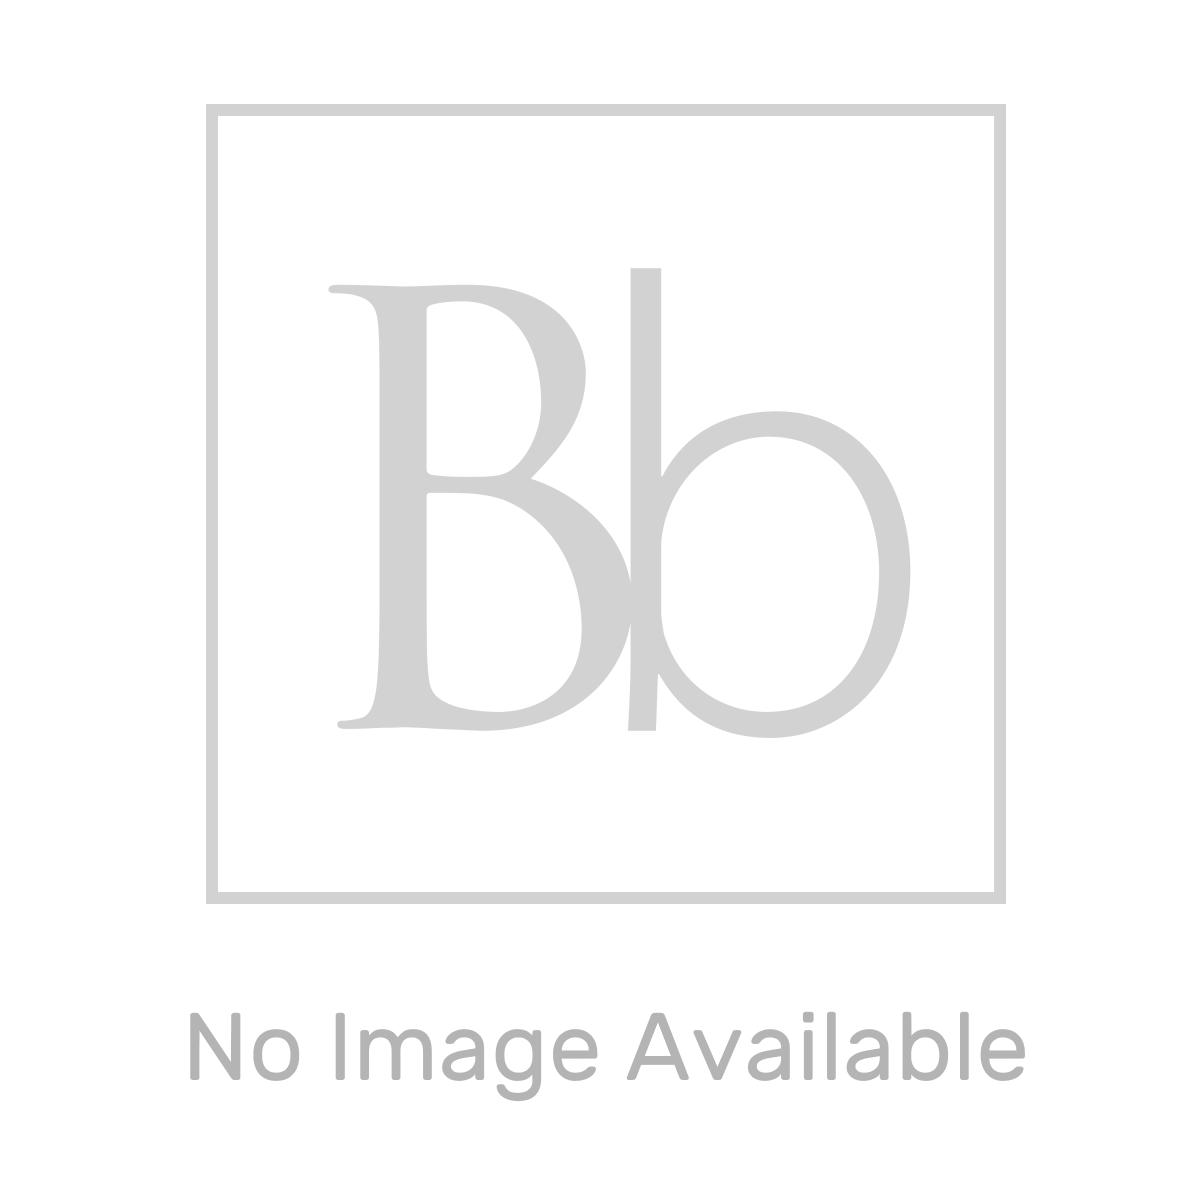 Nuie Athena Grey Avola 2 Door Floor Standing Vanity Unit with 50mm Profile Basin 500mm Line Drawing